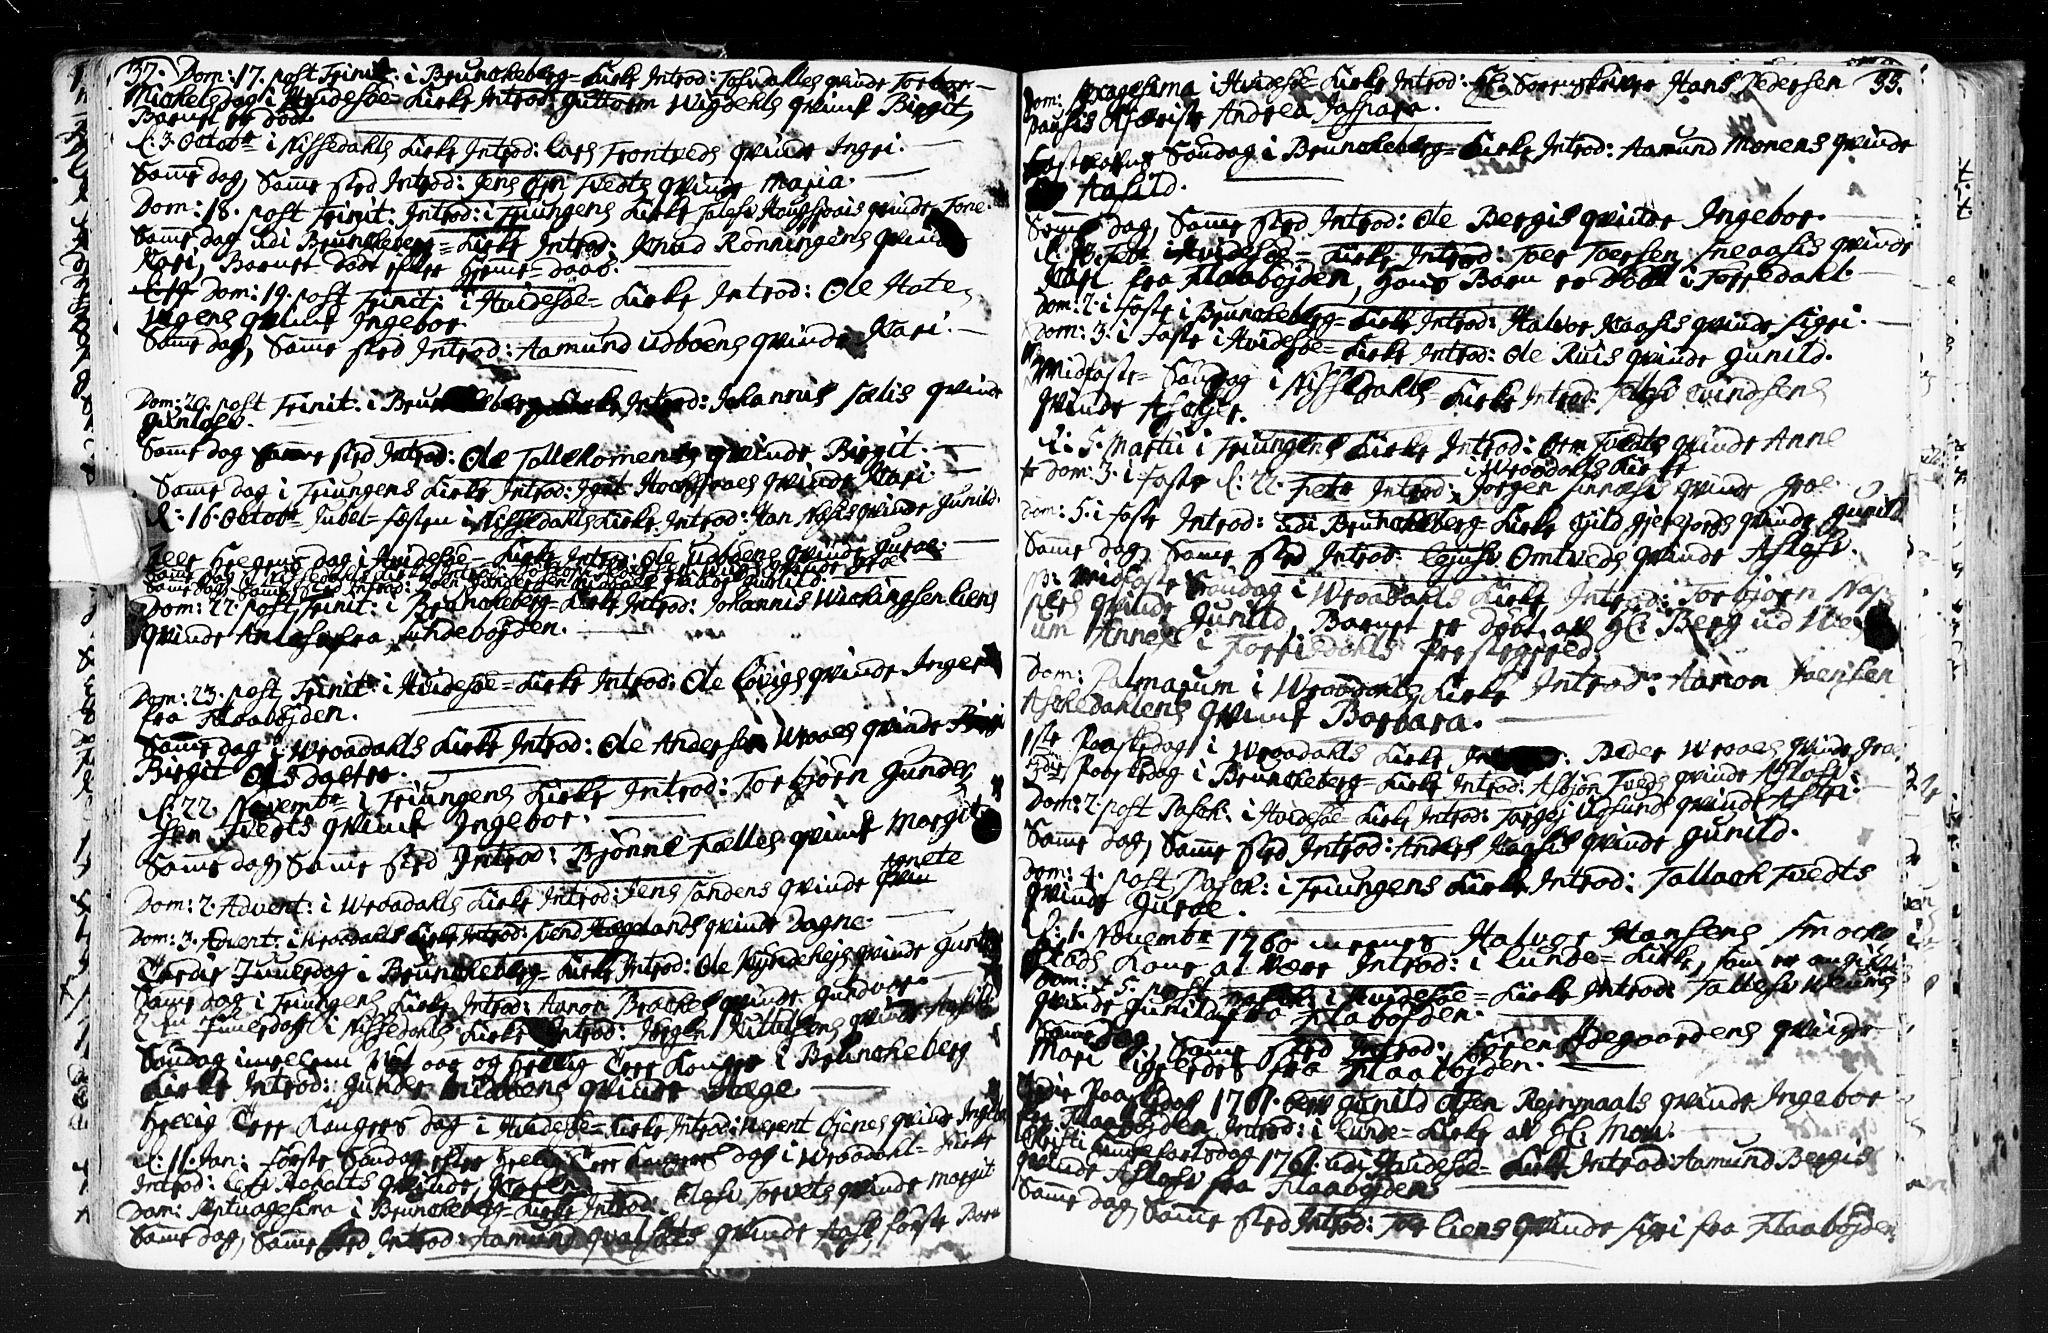 SAKO, Kviteseid kirkebøker, F/Fa/L0001: Ministerialbok nr. I 1, 1754-1773, s. 32-33